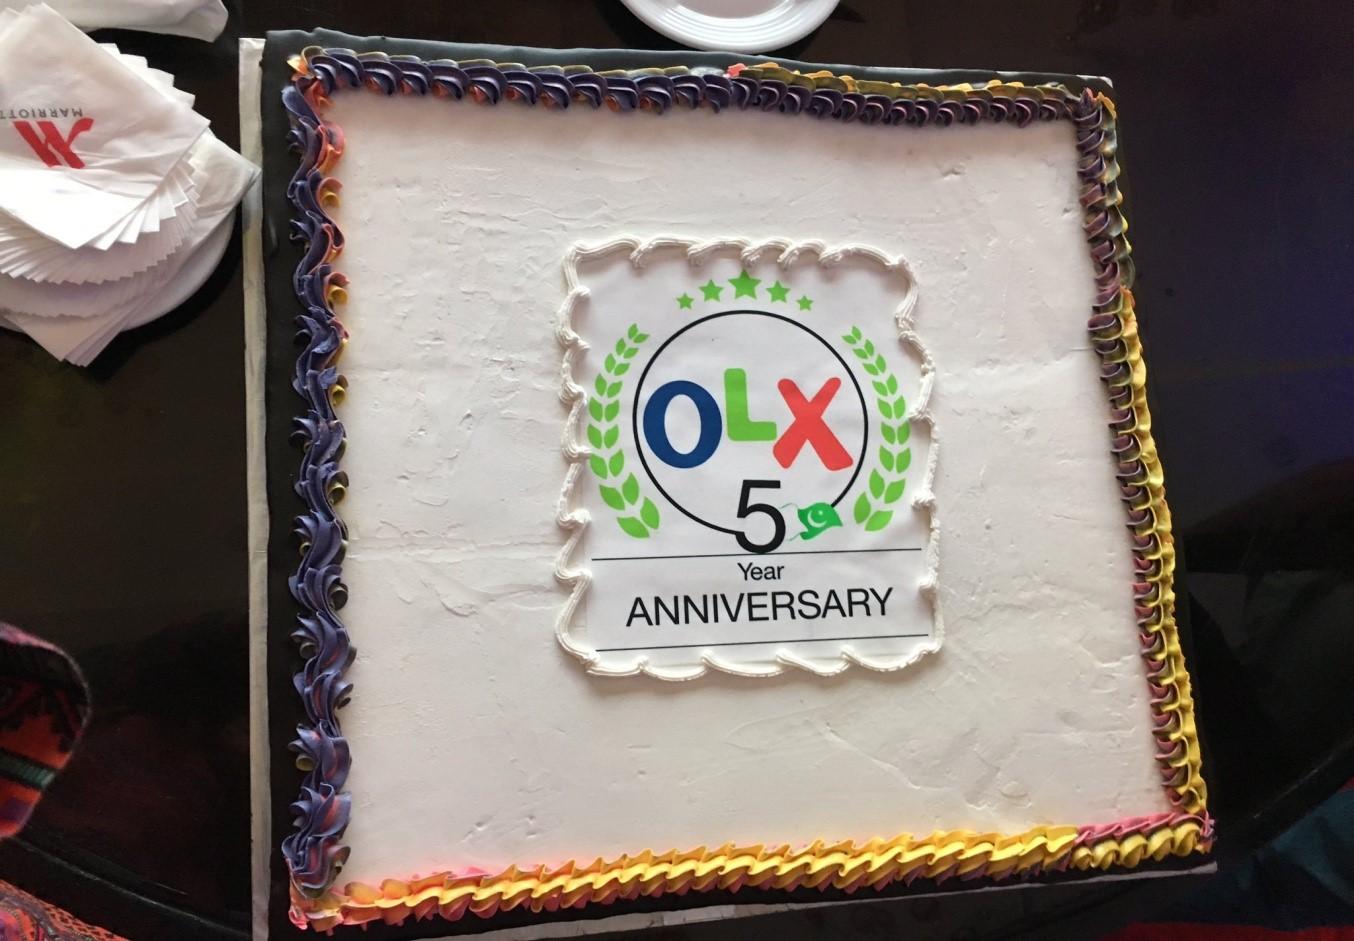 Amk: olx: baich dai 5 years celebration!